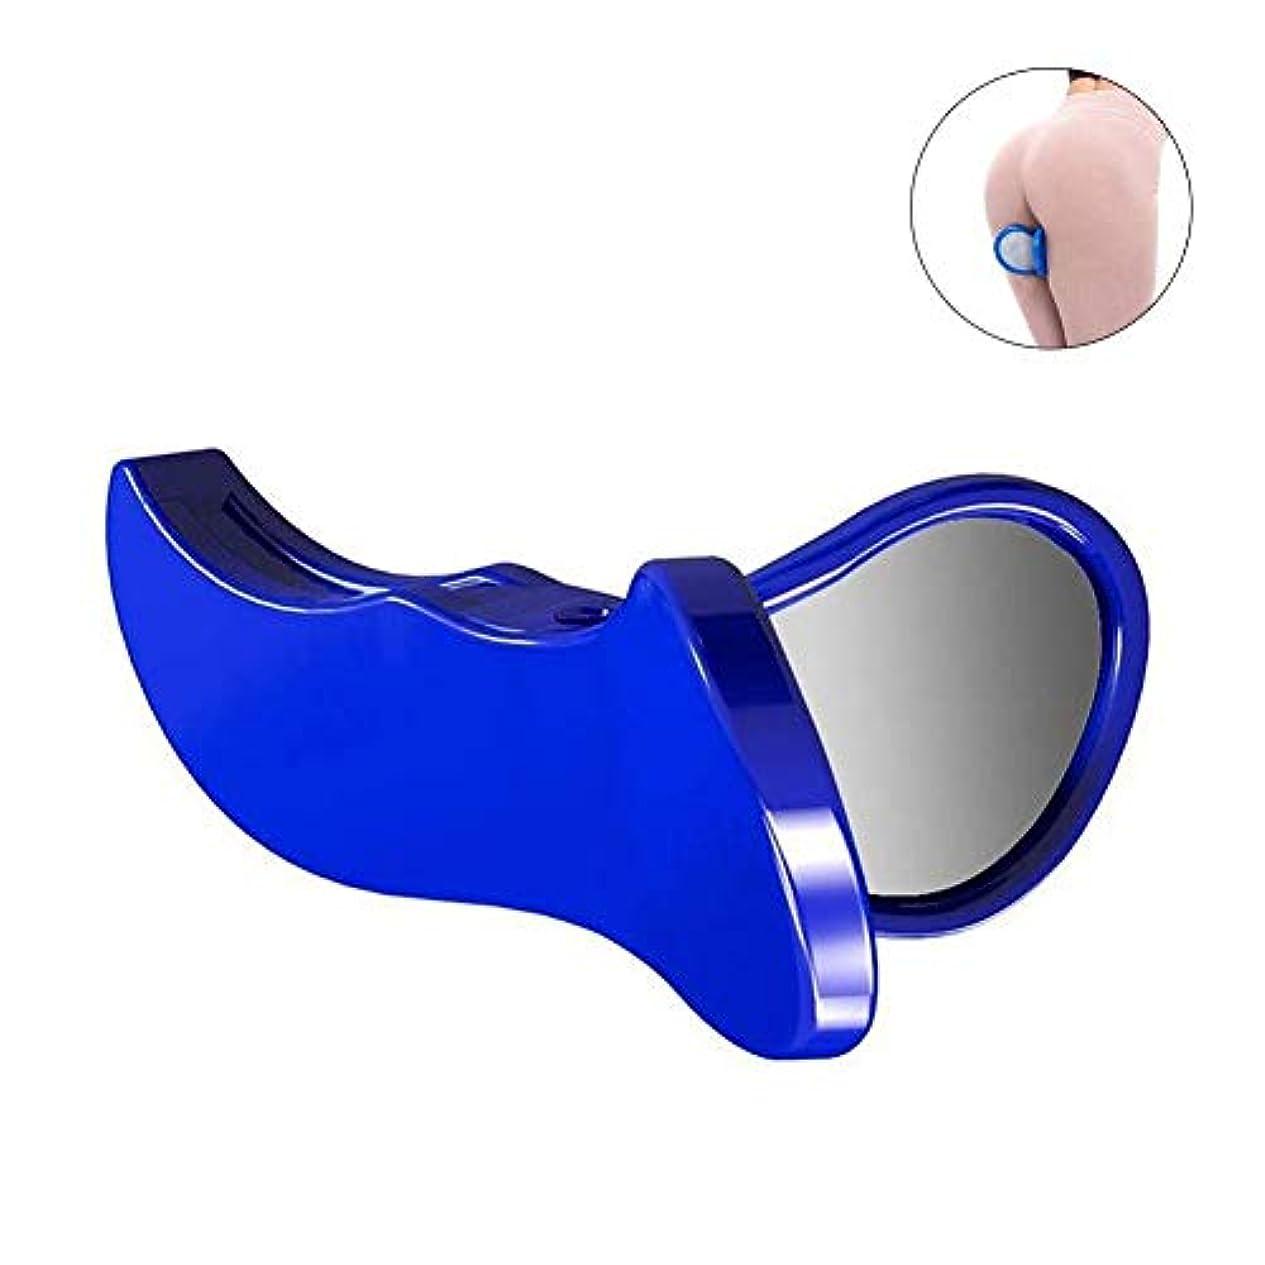 骨盤底運動のためのトレーナー膀胱ケーゲルエクササイザーコントローラー補正骨盤筋肉の強化と締め付けスポーツフィットネス機器,ブルー